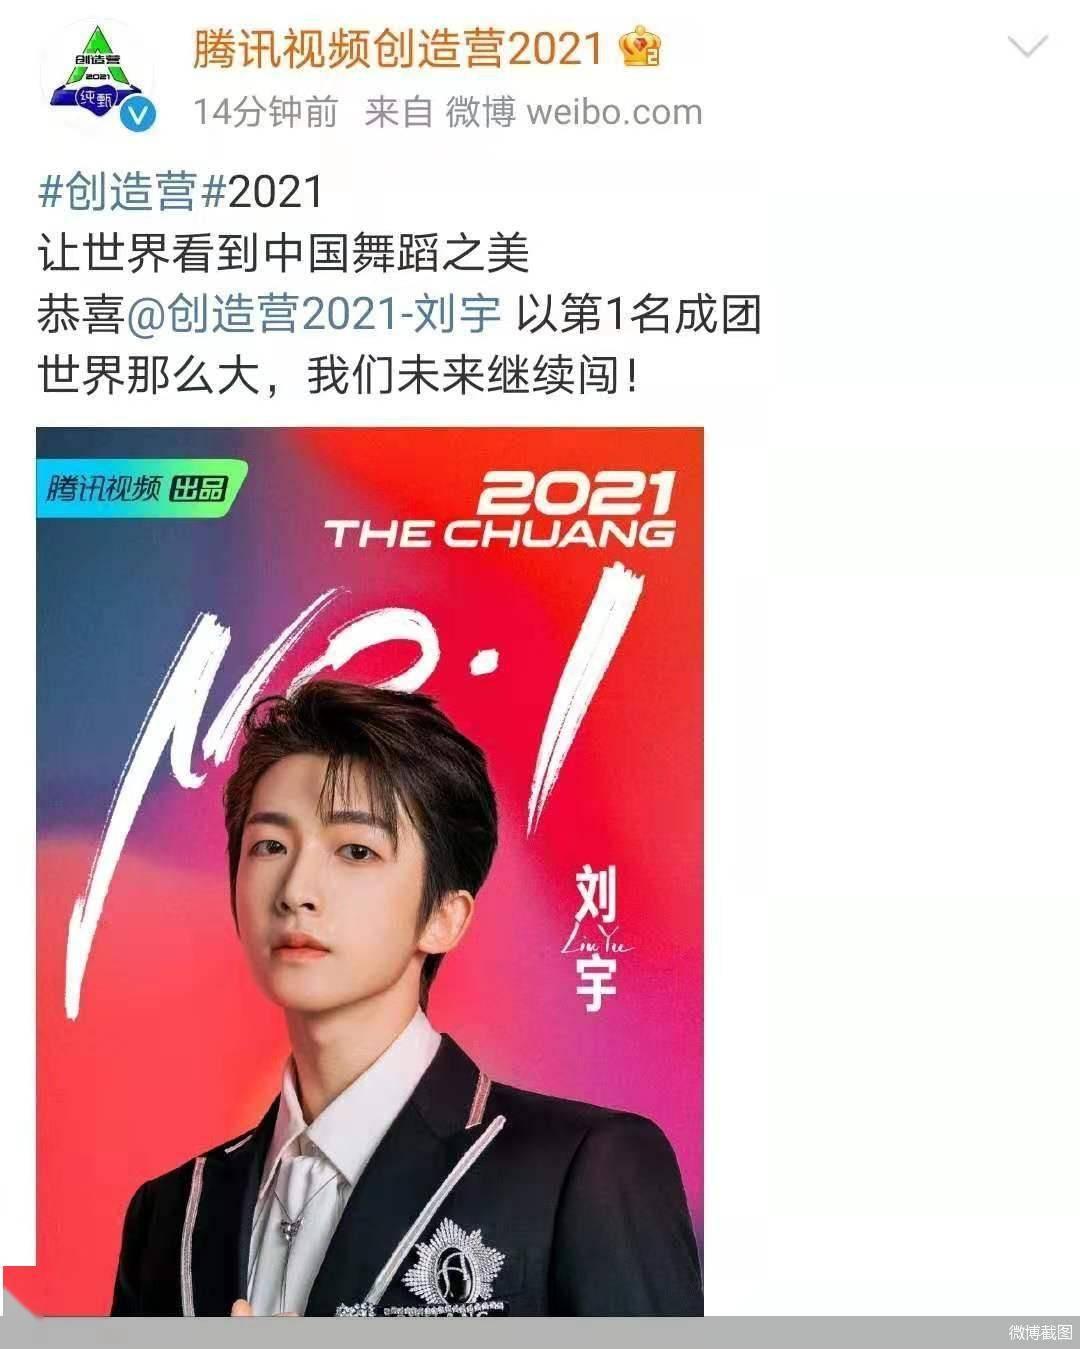 《创造营2021》成团夜 刘宇C位出道